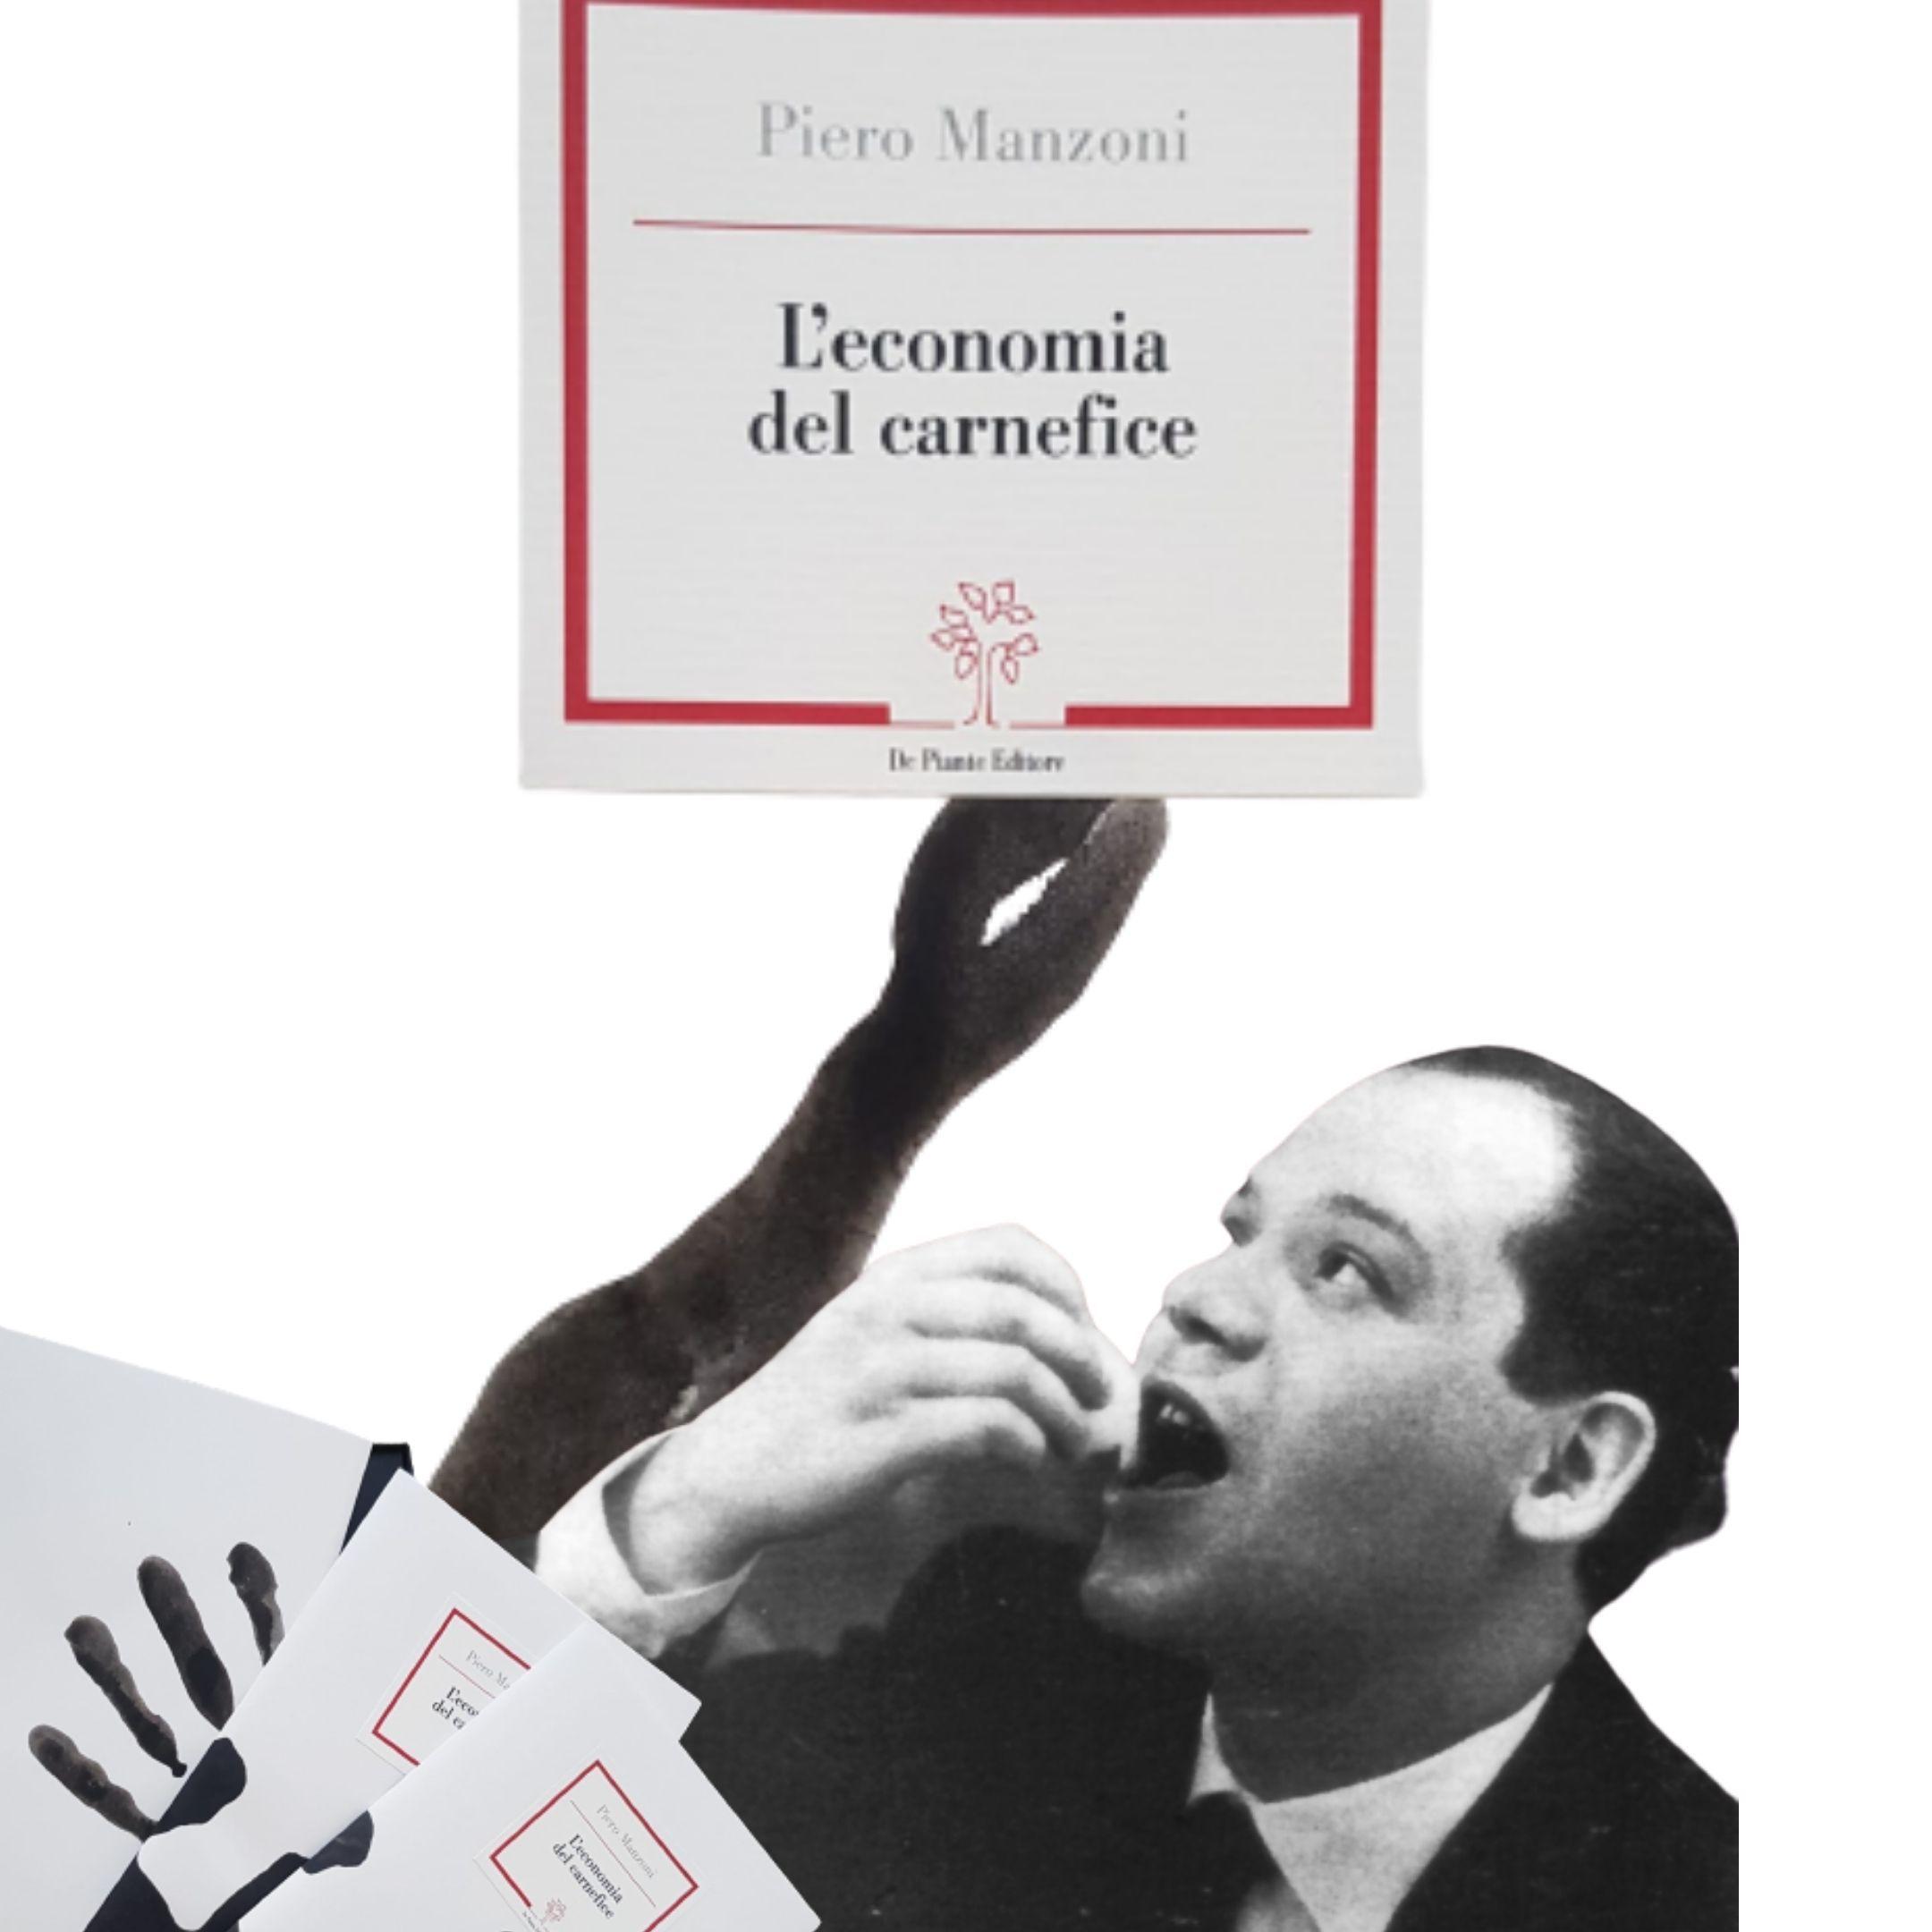 Dopo 70 anni esce un libro del diciassettenne Piero Manzoni: ed è un evento!